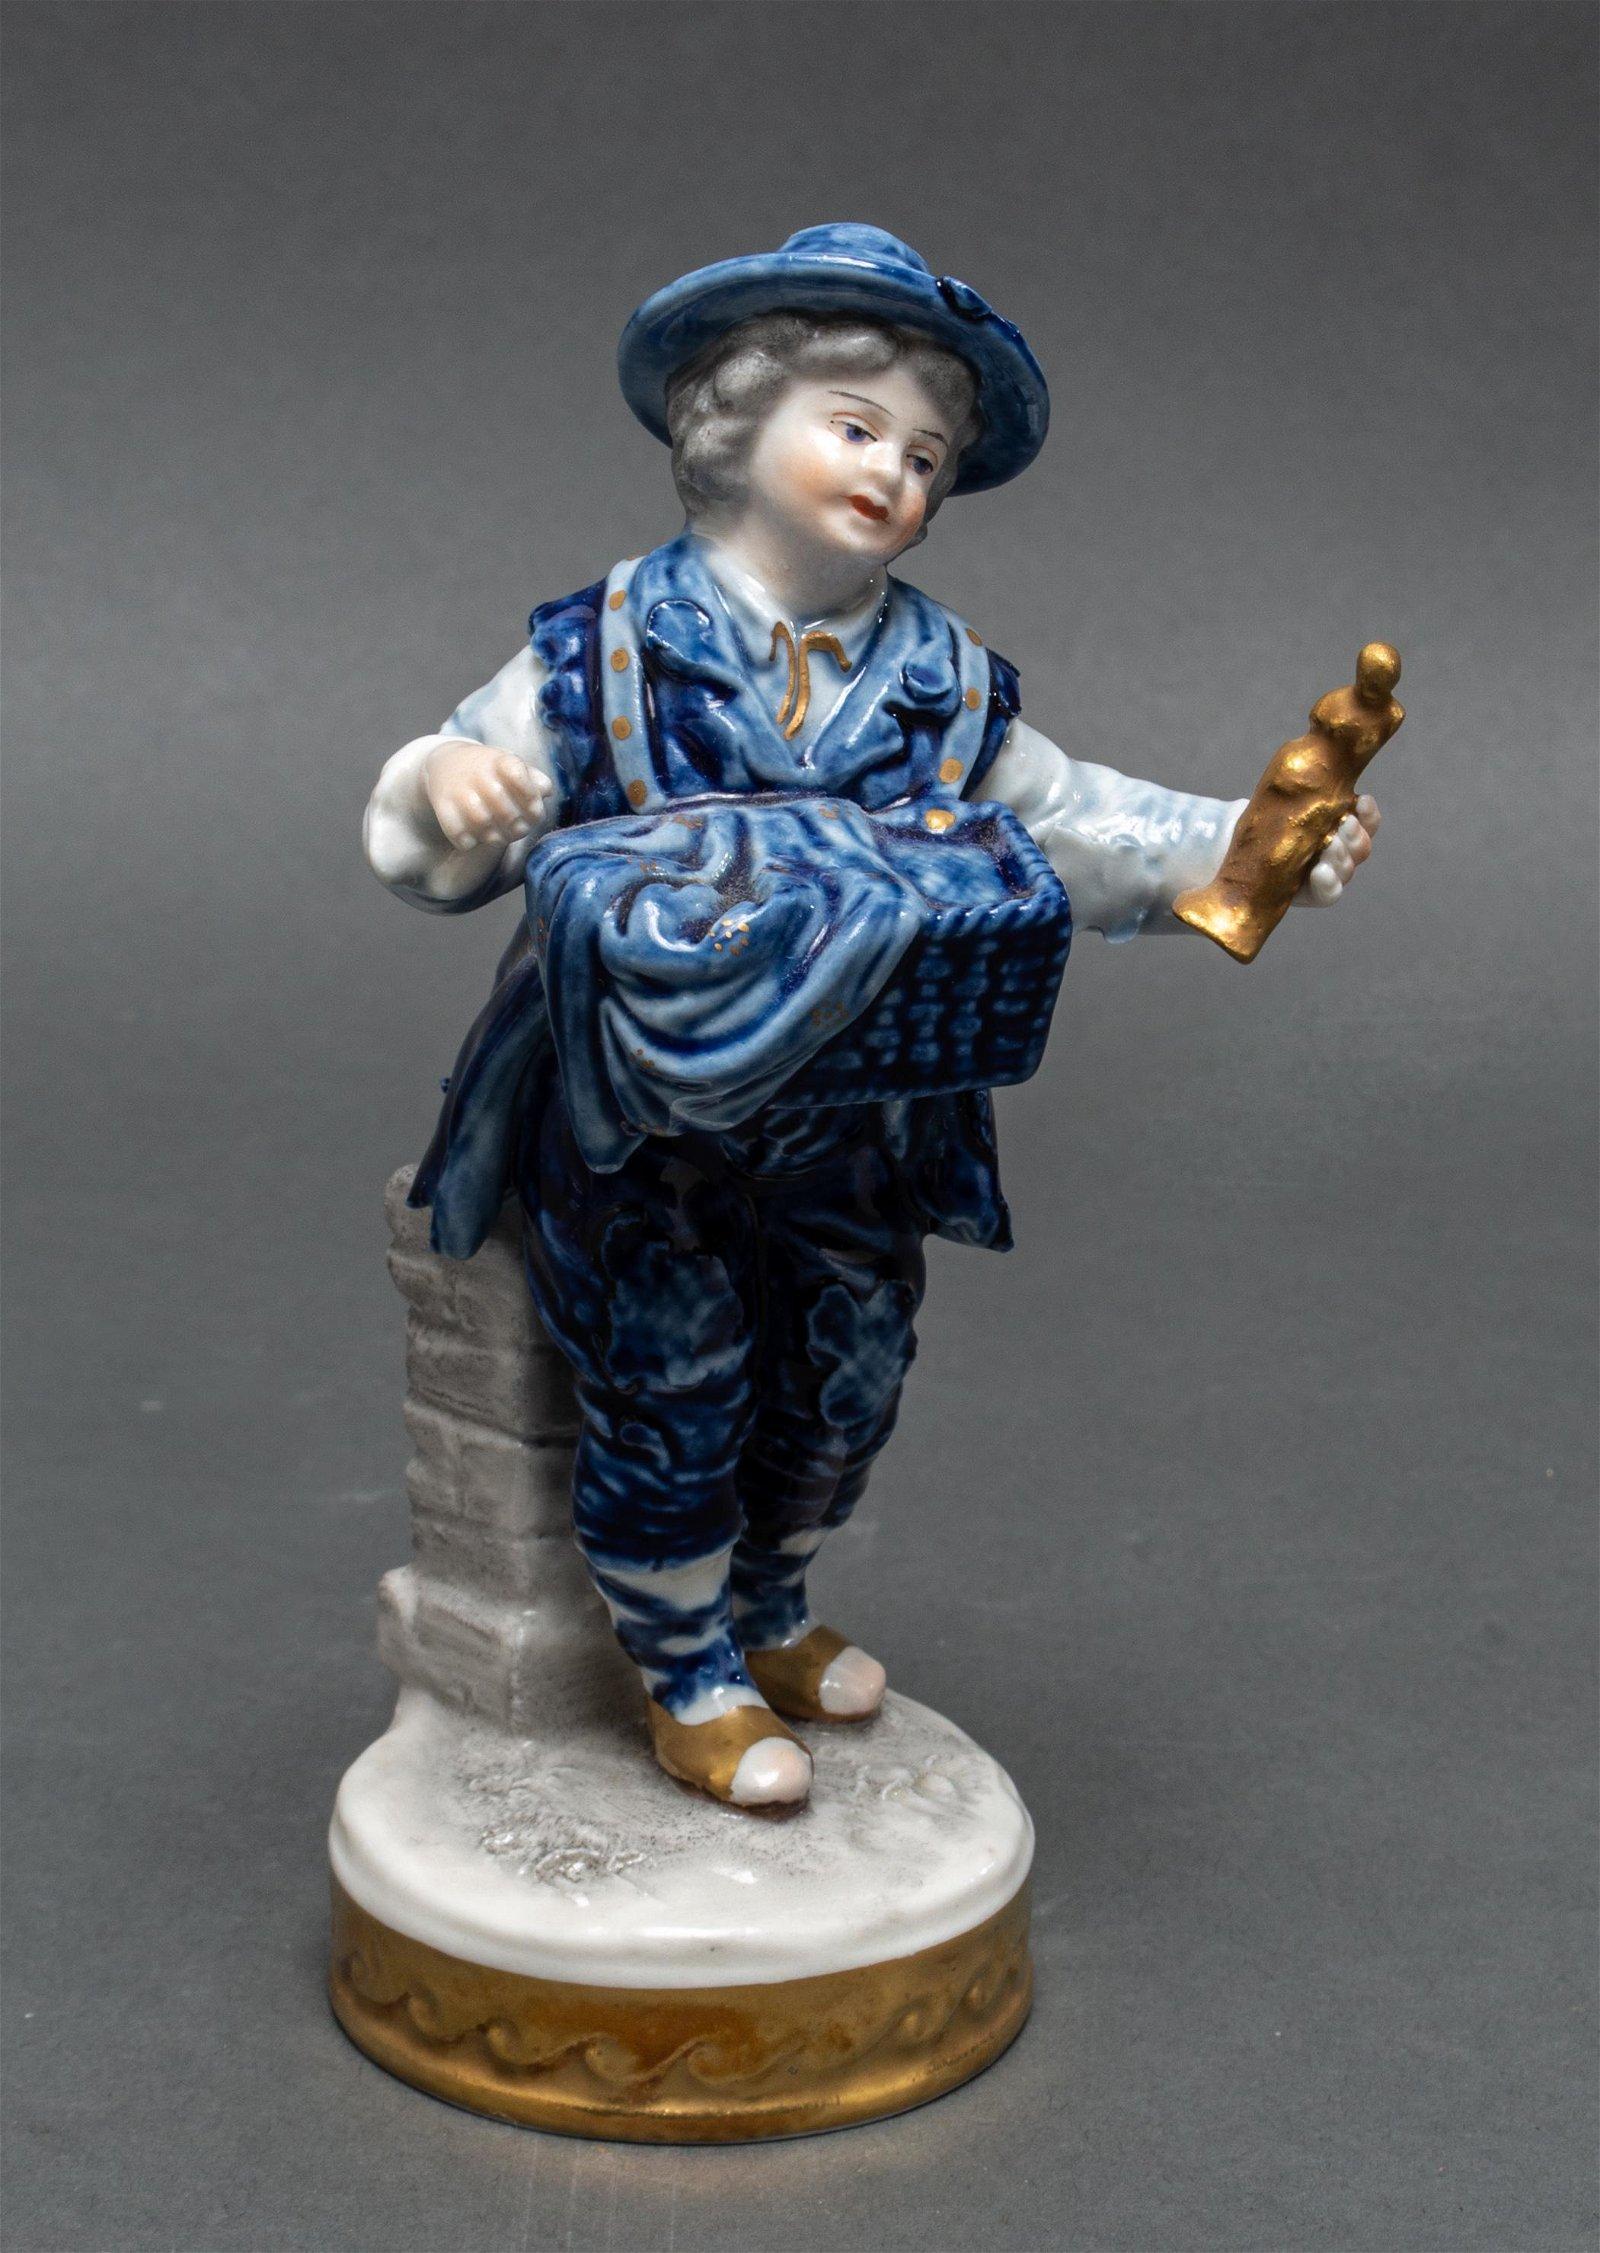 Volkstedt German Porcelain Figurine